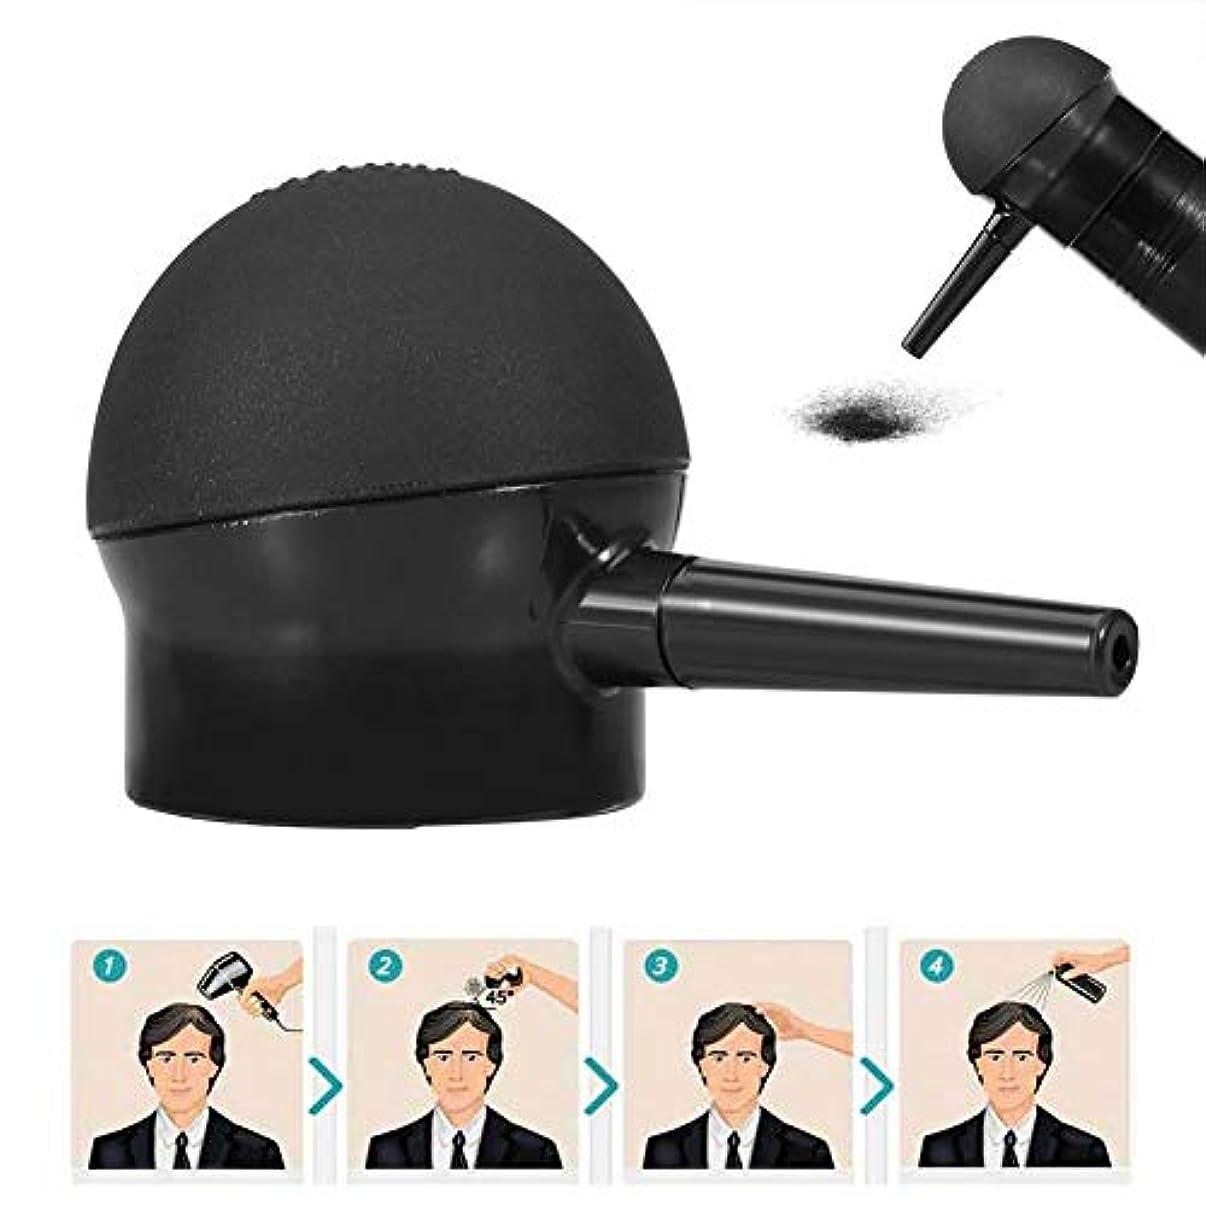 流体積極的に積極的にヘアー 噴霧器、スプレー、アプリケーションヘア、ビルディング、ファイバー用ノズル、ヘア シックニング ツール